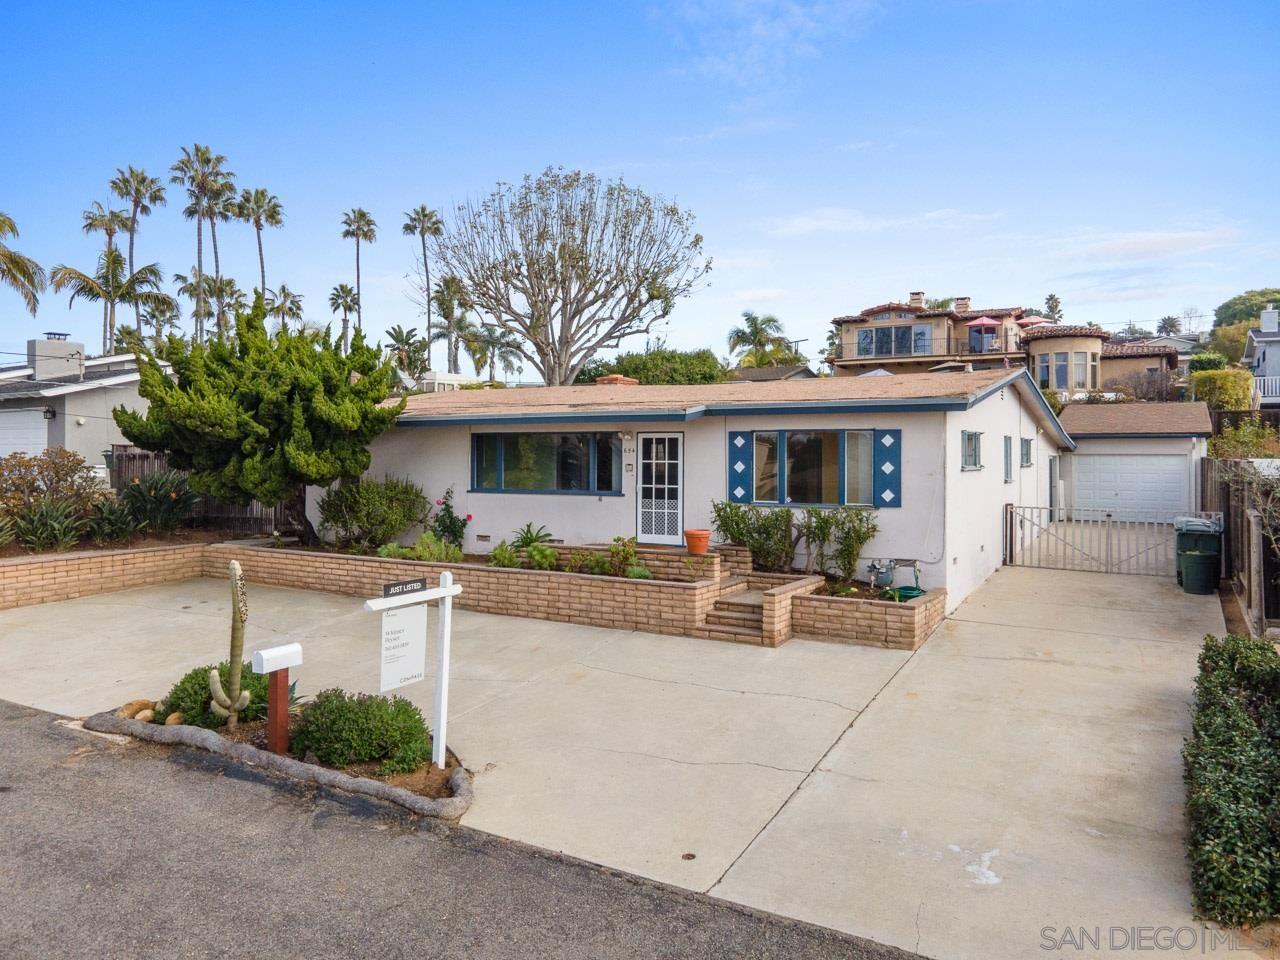 Photo for 654 Glenmont, Solana Beach, CA 92075 (MLS # 210000319)